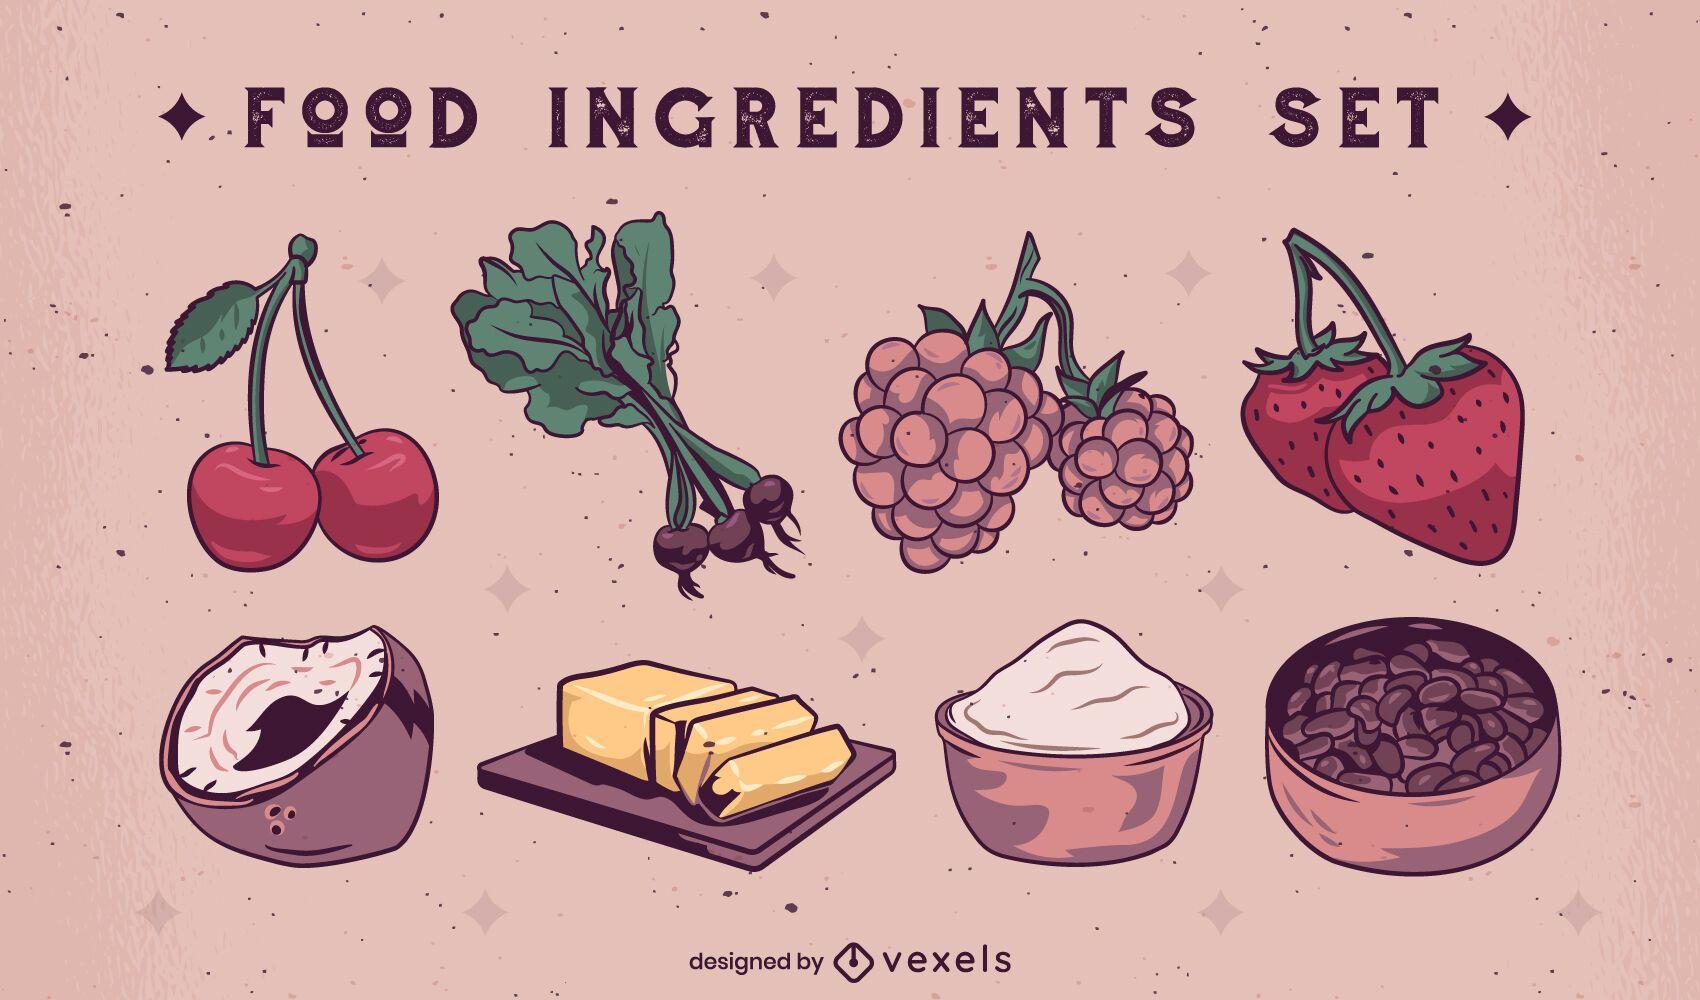 Ilustração do conjunto de ingredientes de elementos alimentares